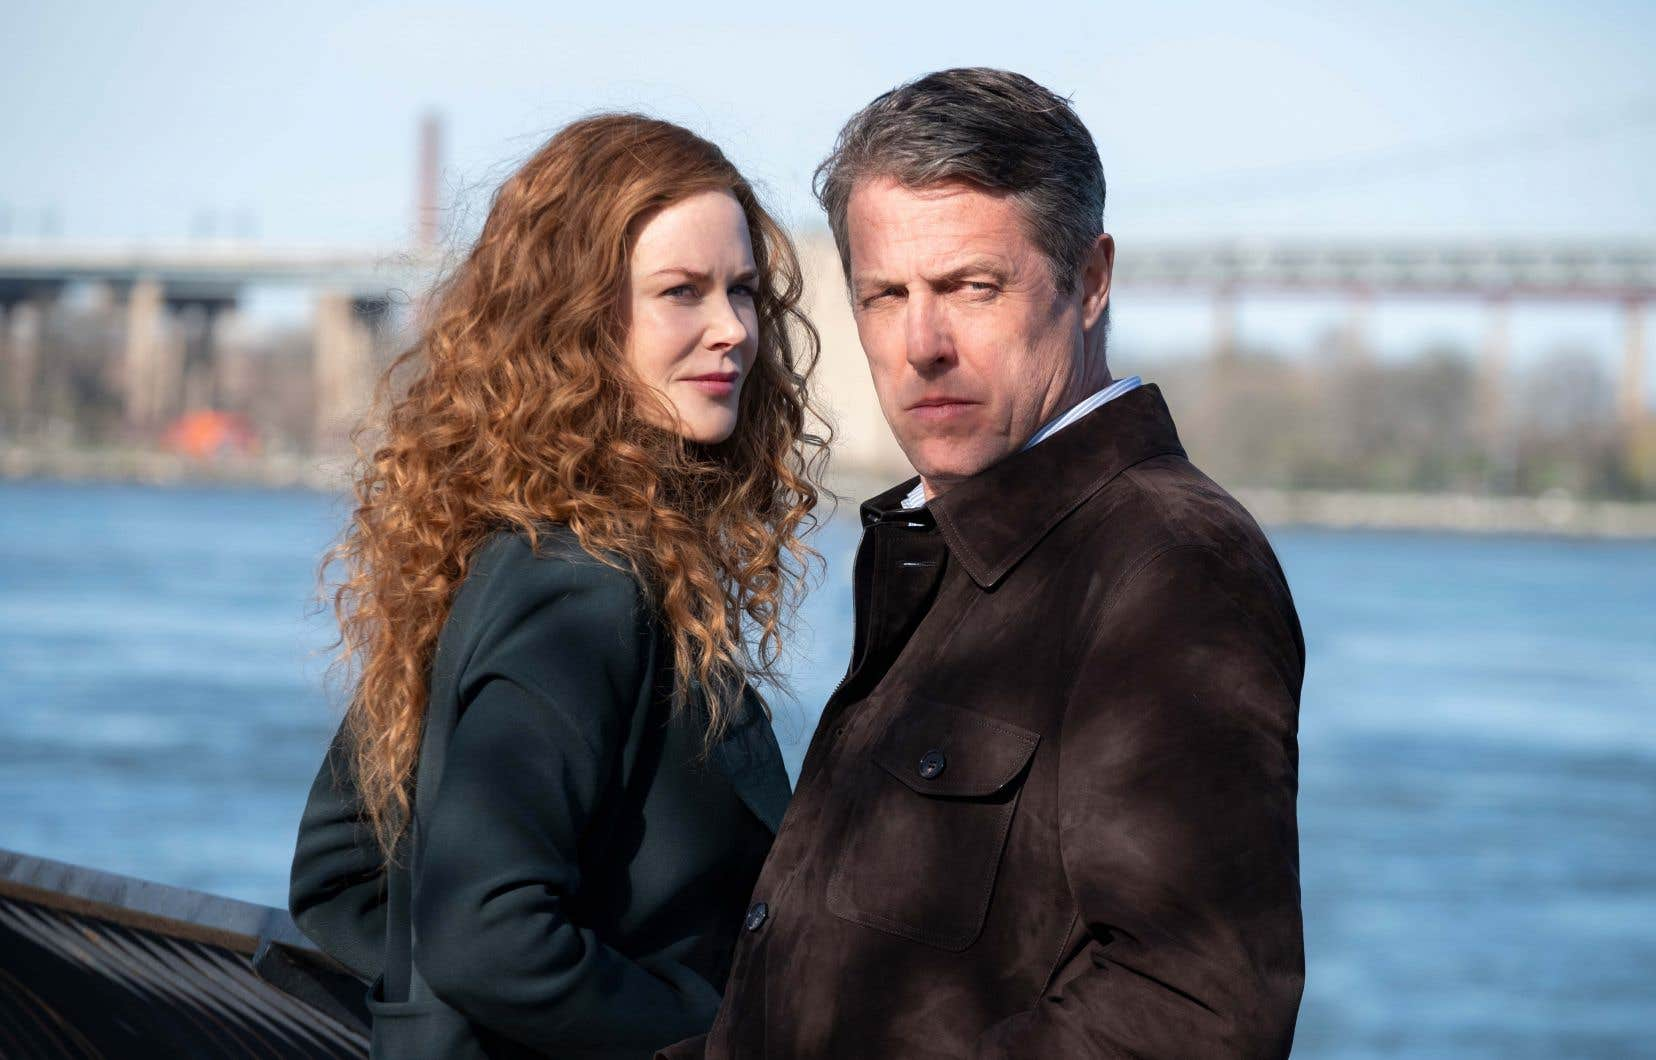 Thérapeute spécialisée en relations de couple, la New-Yorkaise Grace Fraser (Nicole Kidman) a réussi dans toutes les sphères de sa vie, dont son mariage avec Jonathan (Hugh Grant). Mais surviendra un malheur...